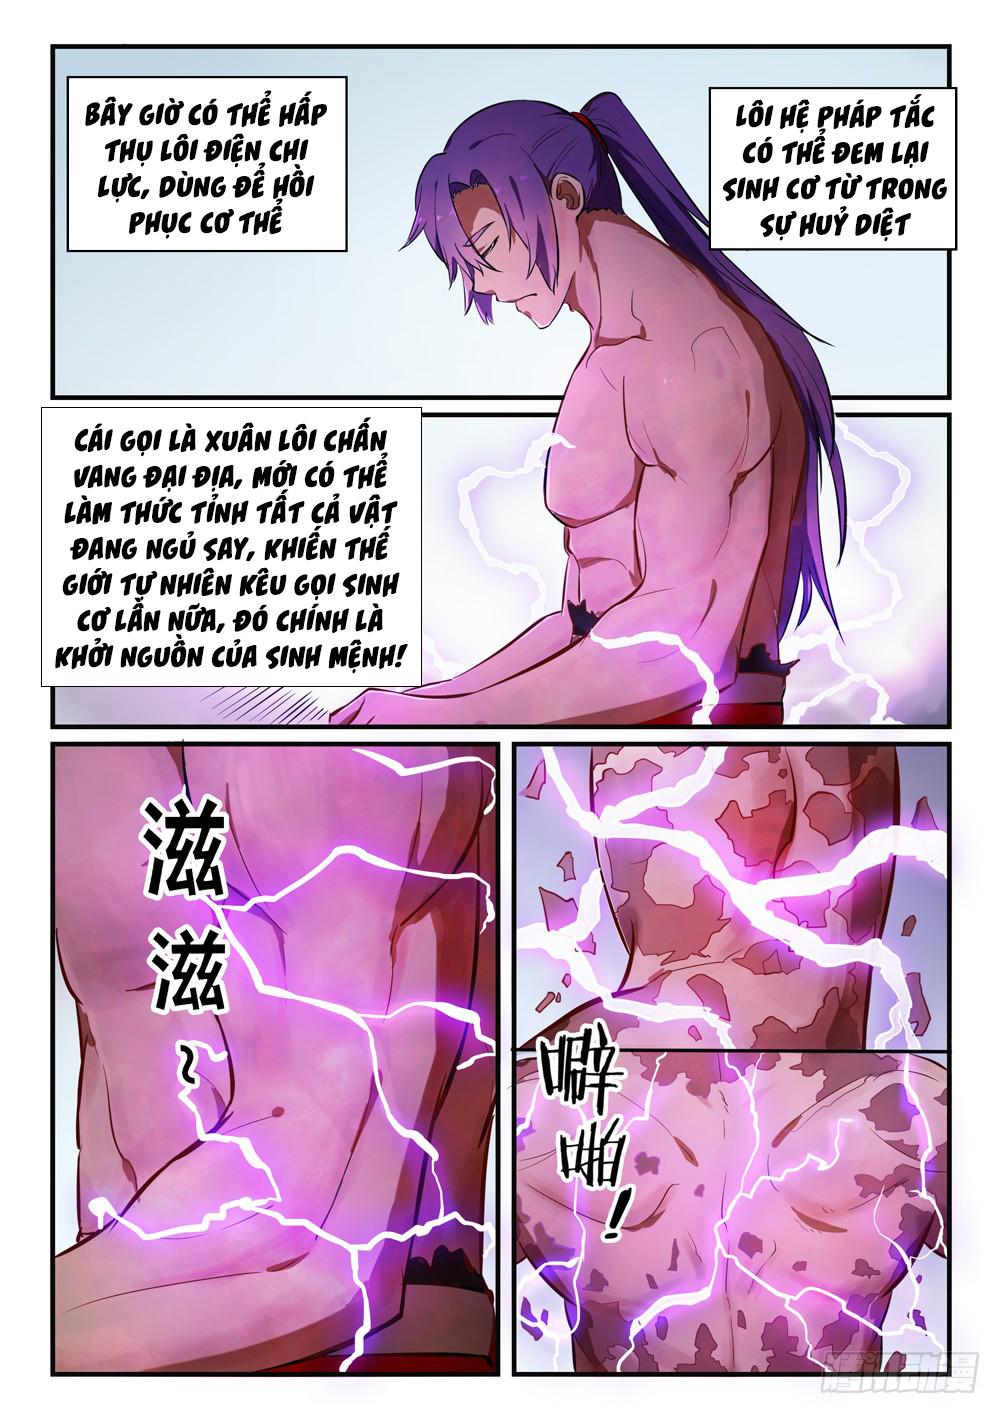 Bách Luyện Thành Thần Chapter 420 video - Hamtruyen.vn